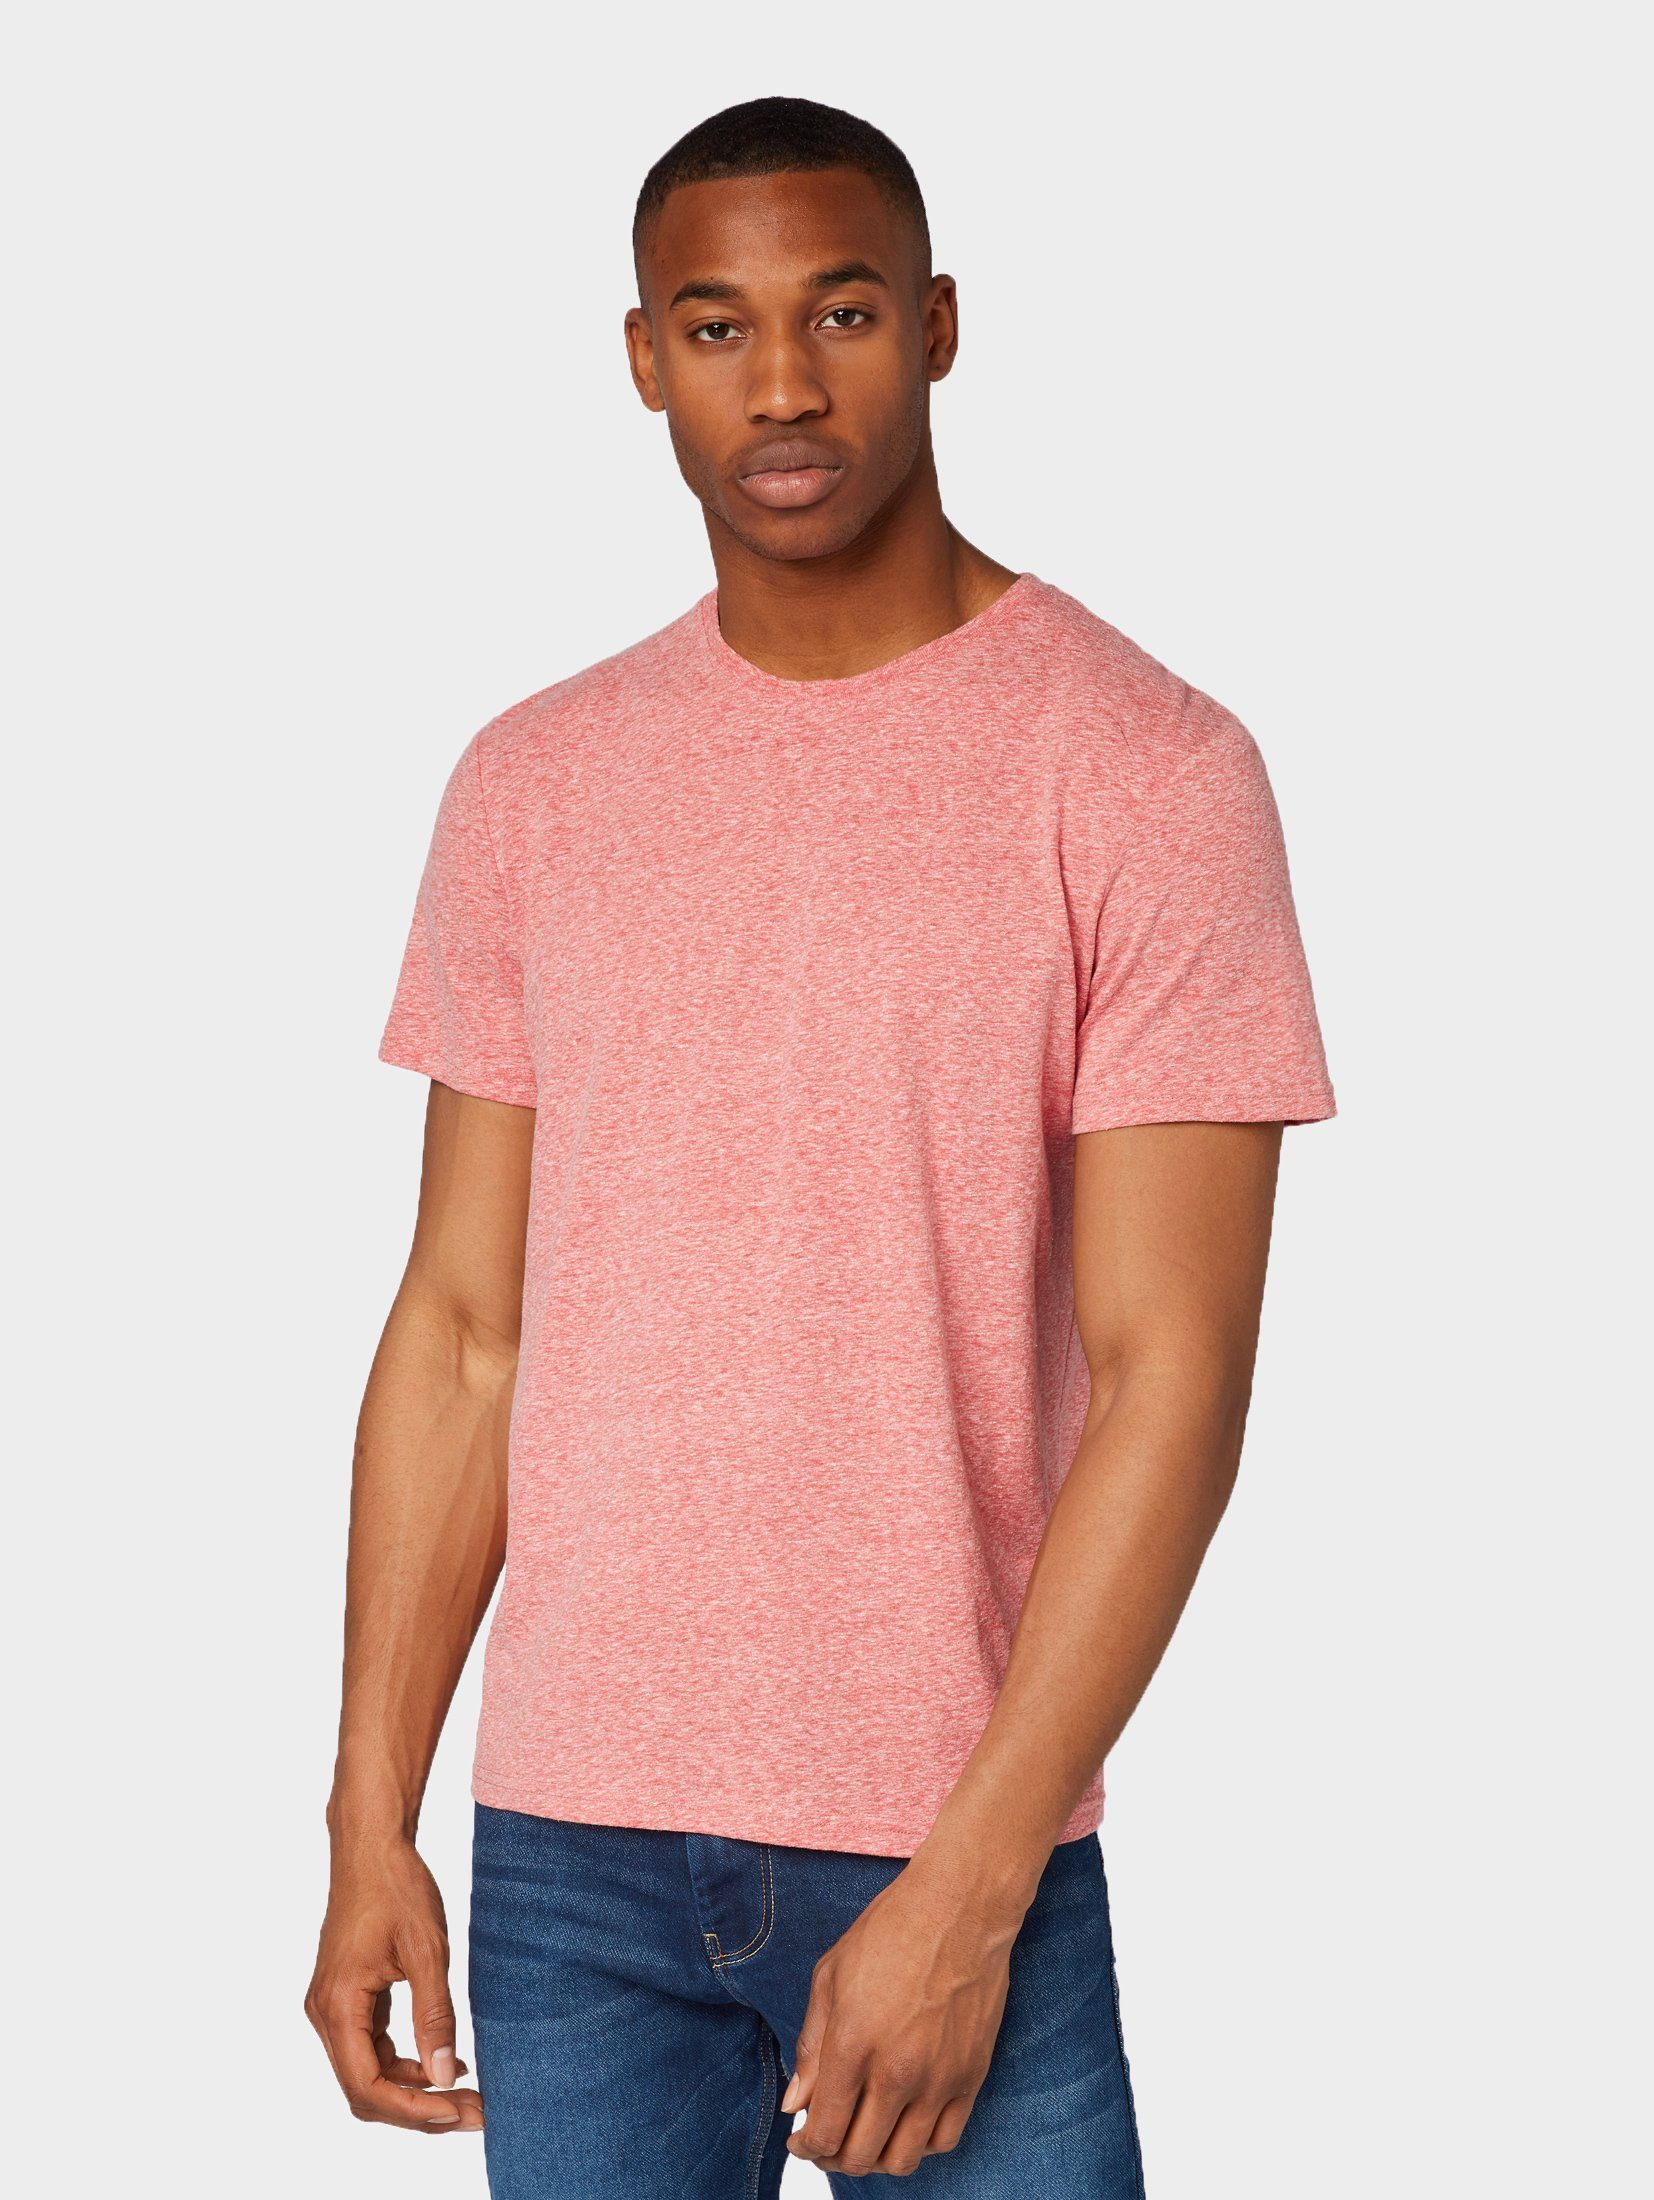 T Tom shirt Kaufen »meliertes Tailor T shirt« 3RcS4j5ALq